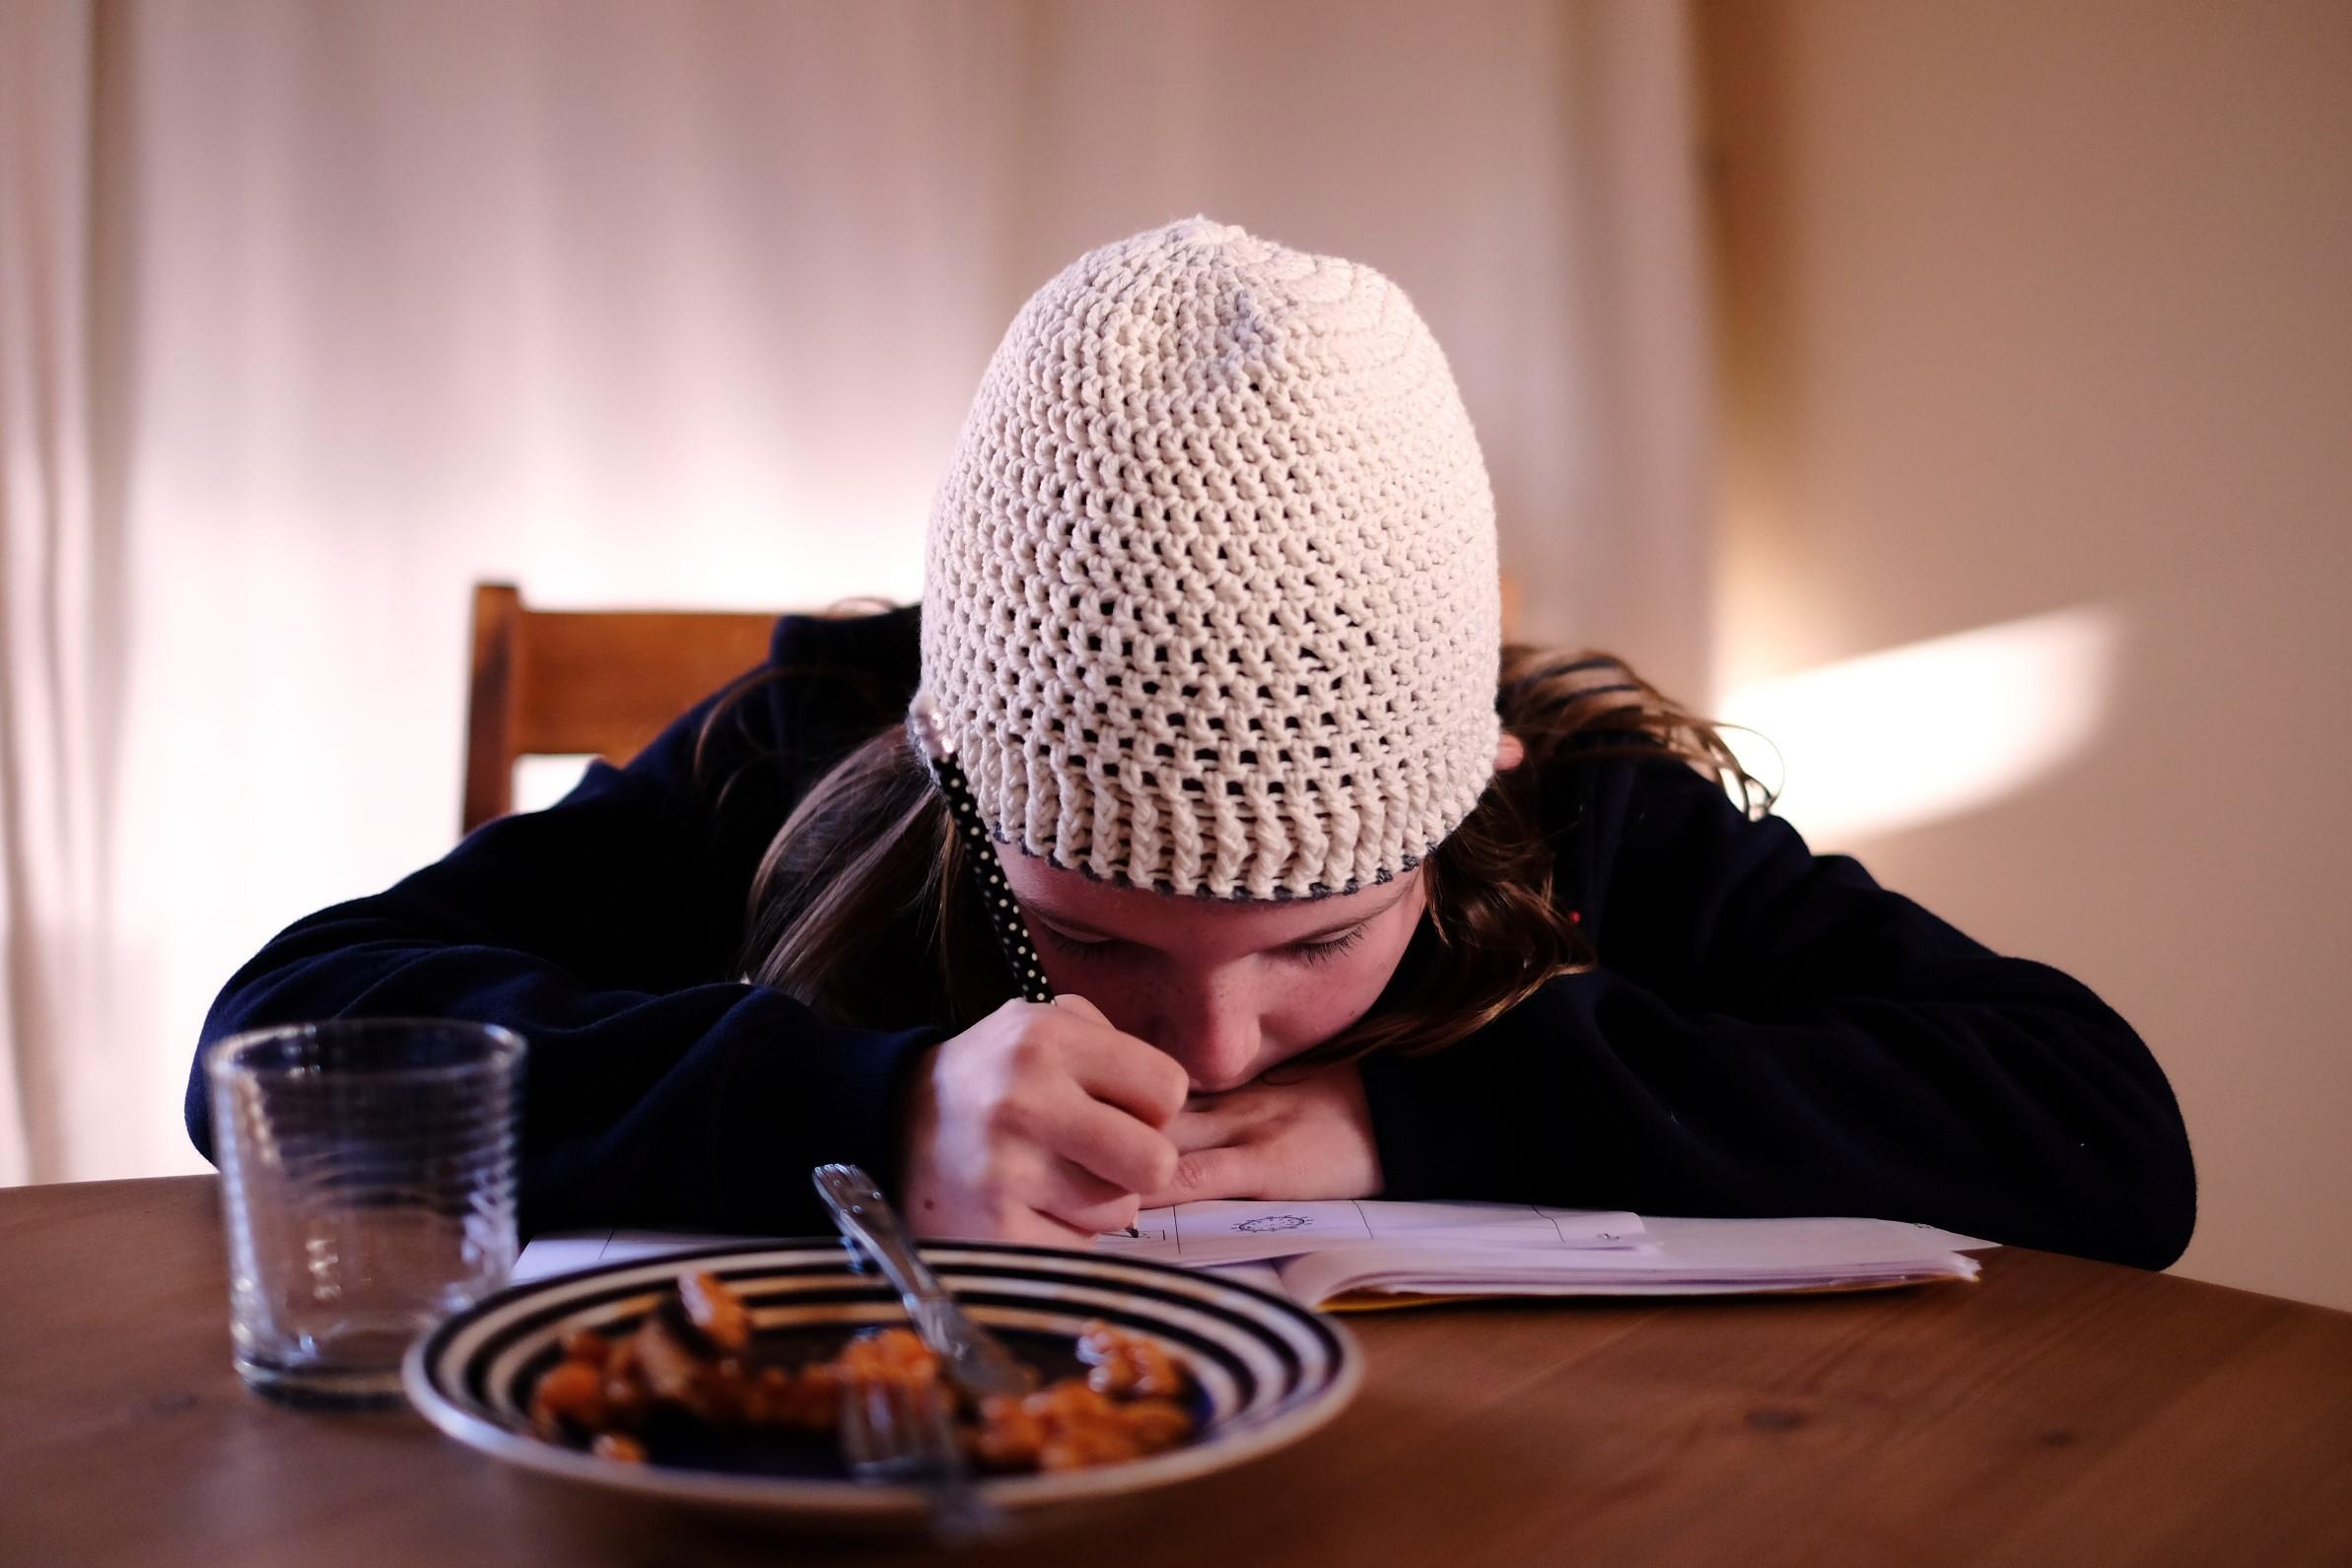 enfant faisant ses devoirs de français devant son goûté